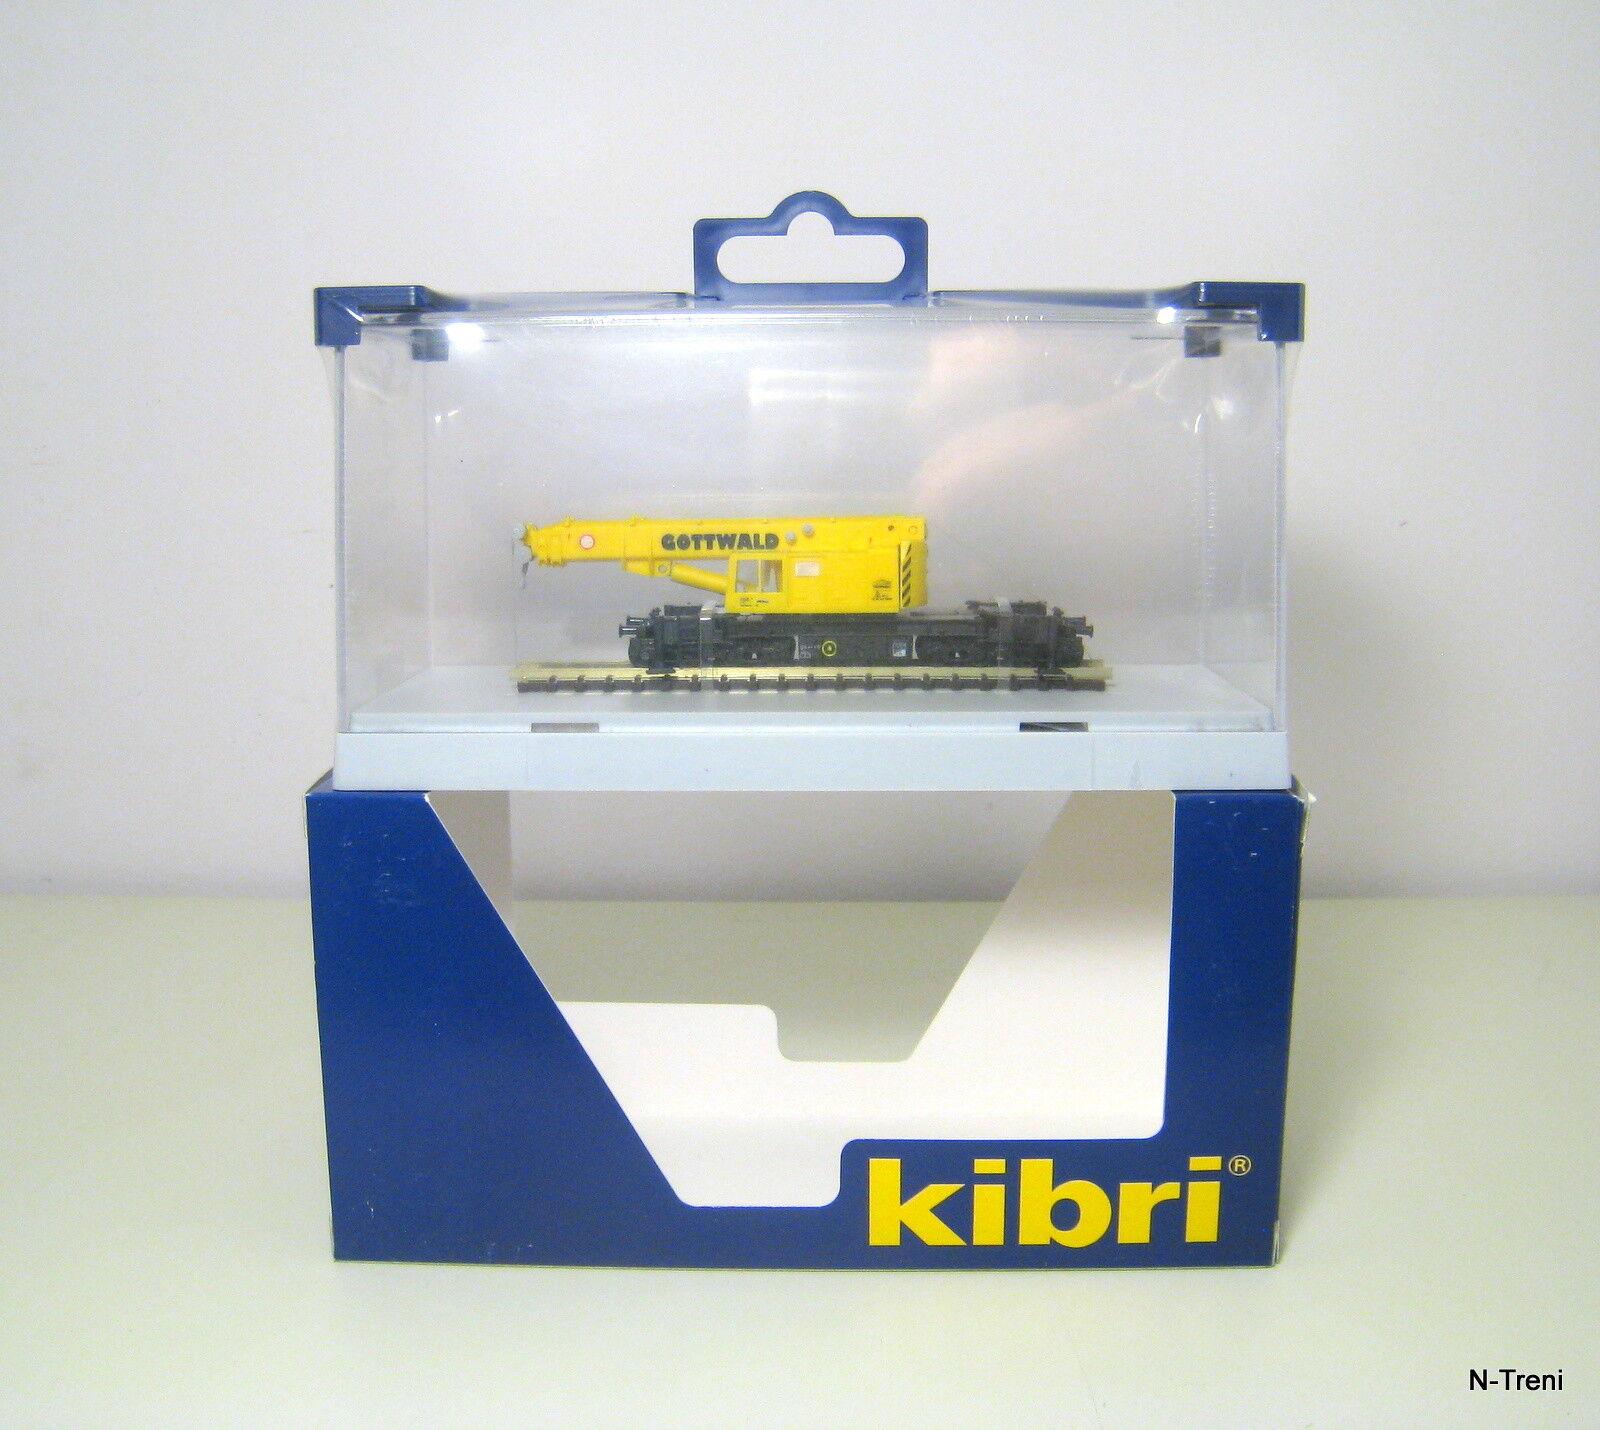 Kibri N 29600 - Gru ferroviaria telescopica GOTTWALD GS 100.06 T. Con espositore